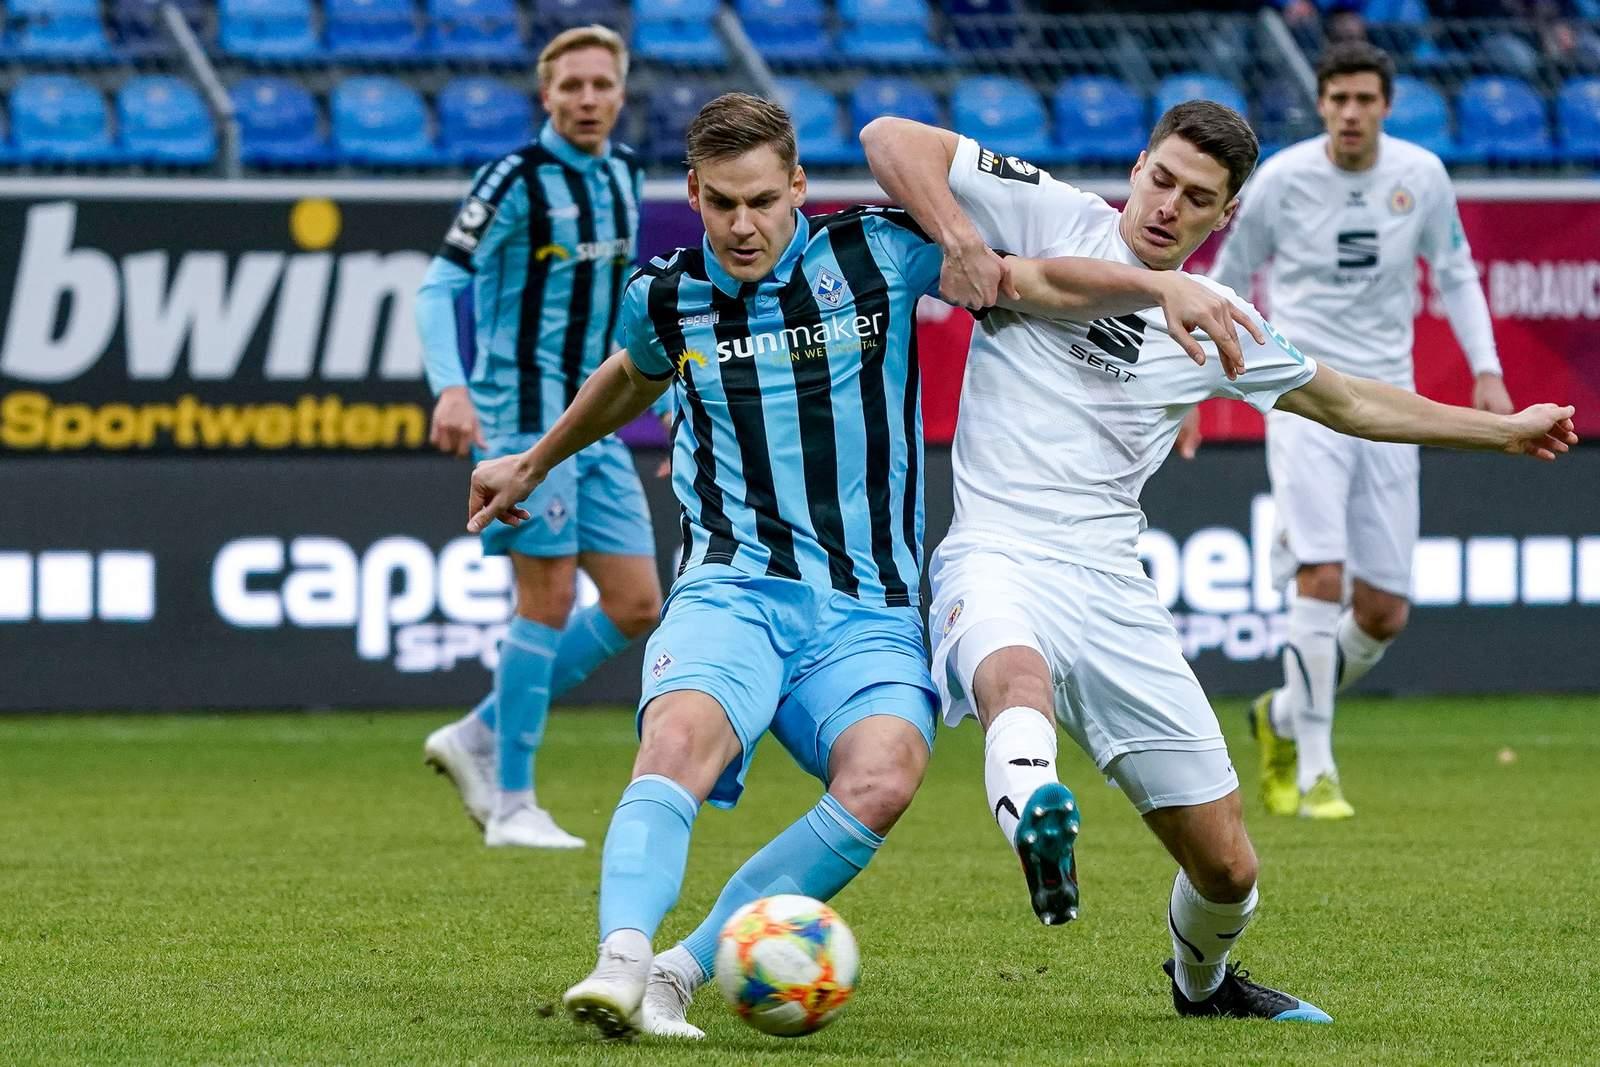 Max Christiansen von Waldhof Mannheim gegen Danilo Wiebe von Eintracht Braunschweig